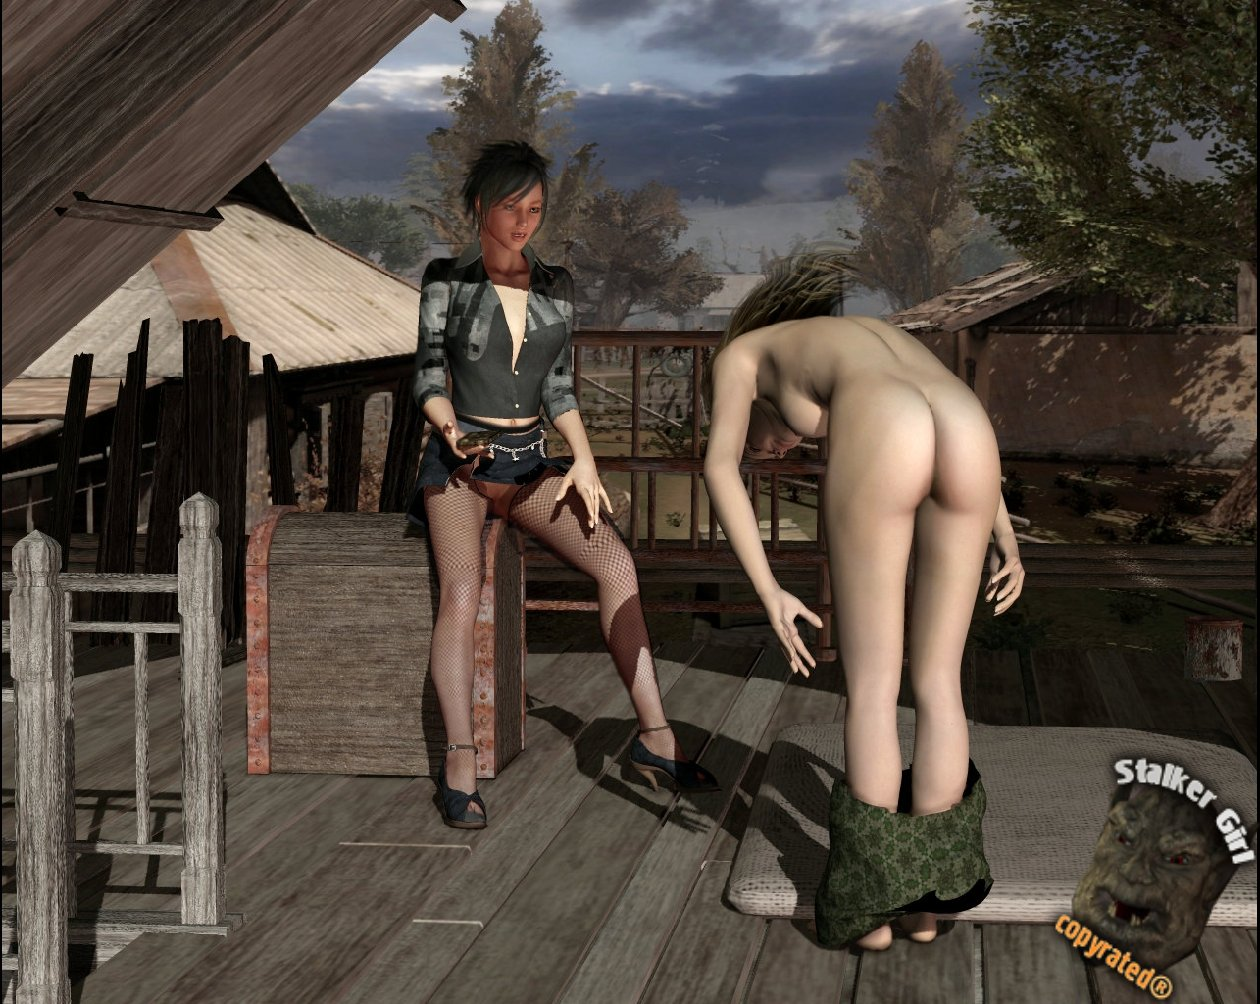 Смотреть порно про сталкера, Stalker голые девки, члены, голые девки с членами 10 фотография